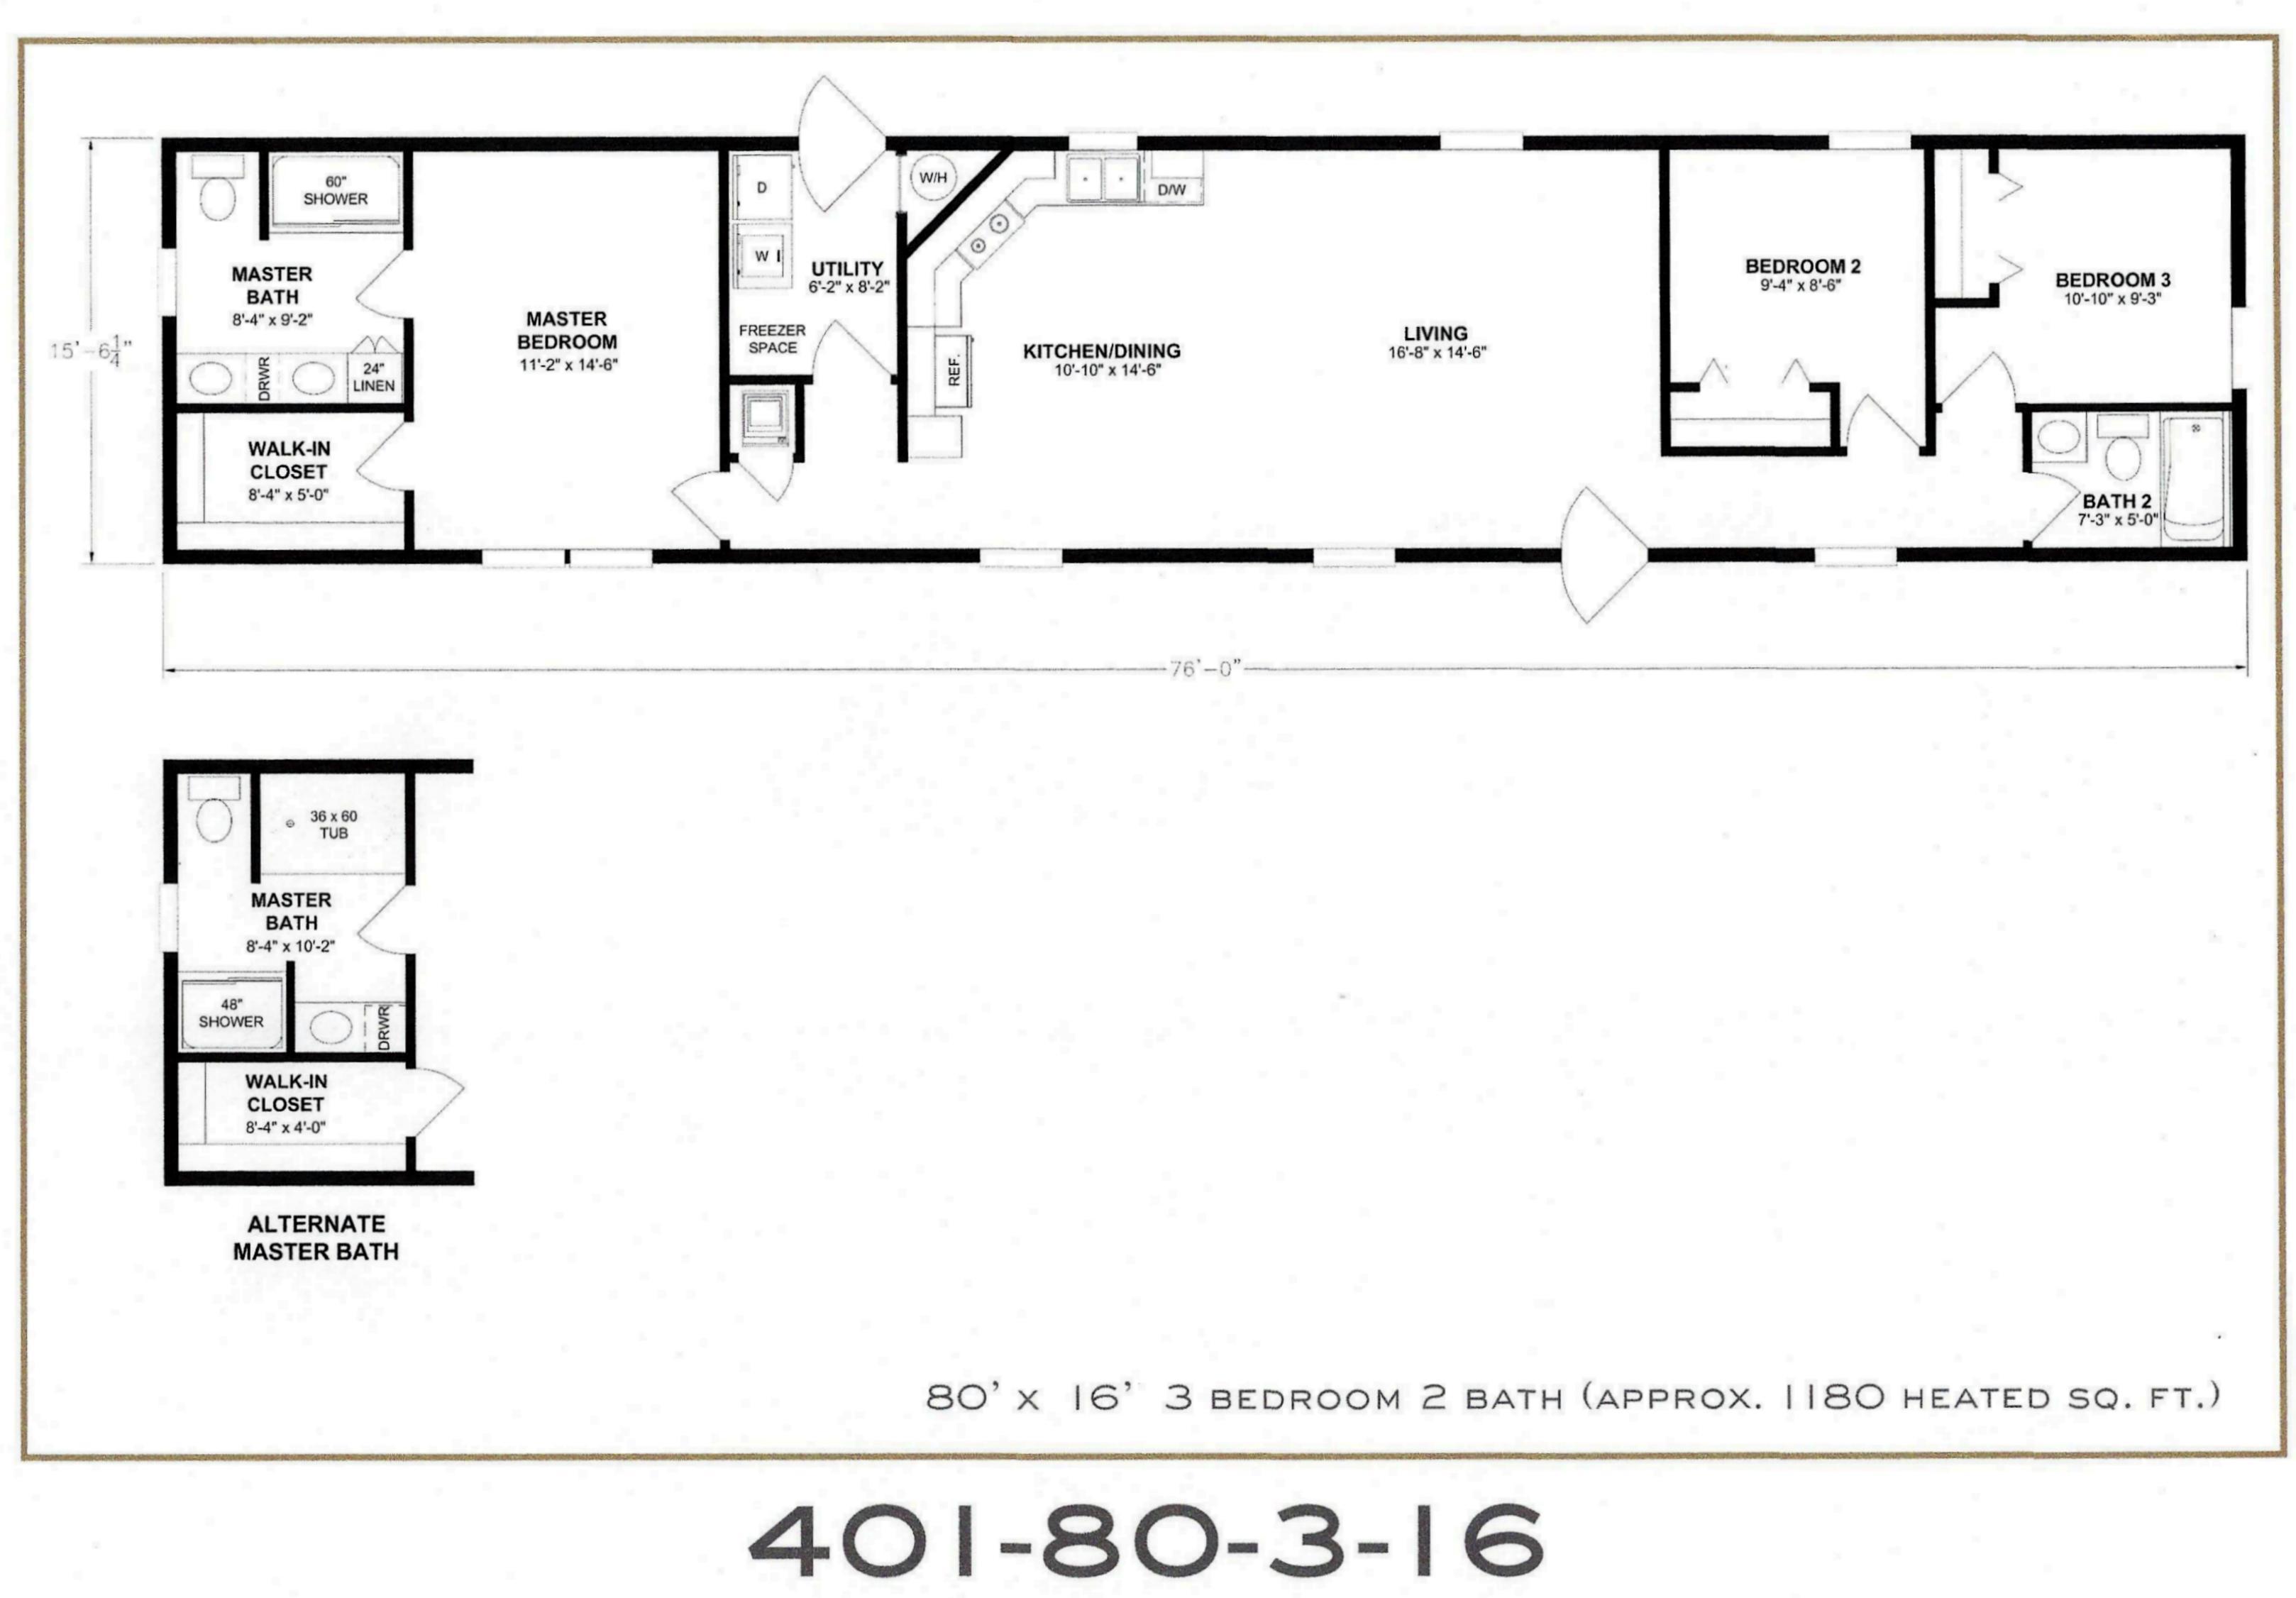 3 Bedroom Floor Plan F 401